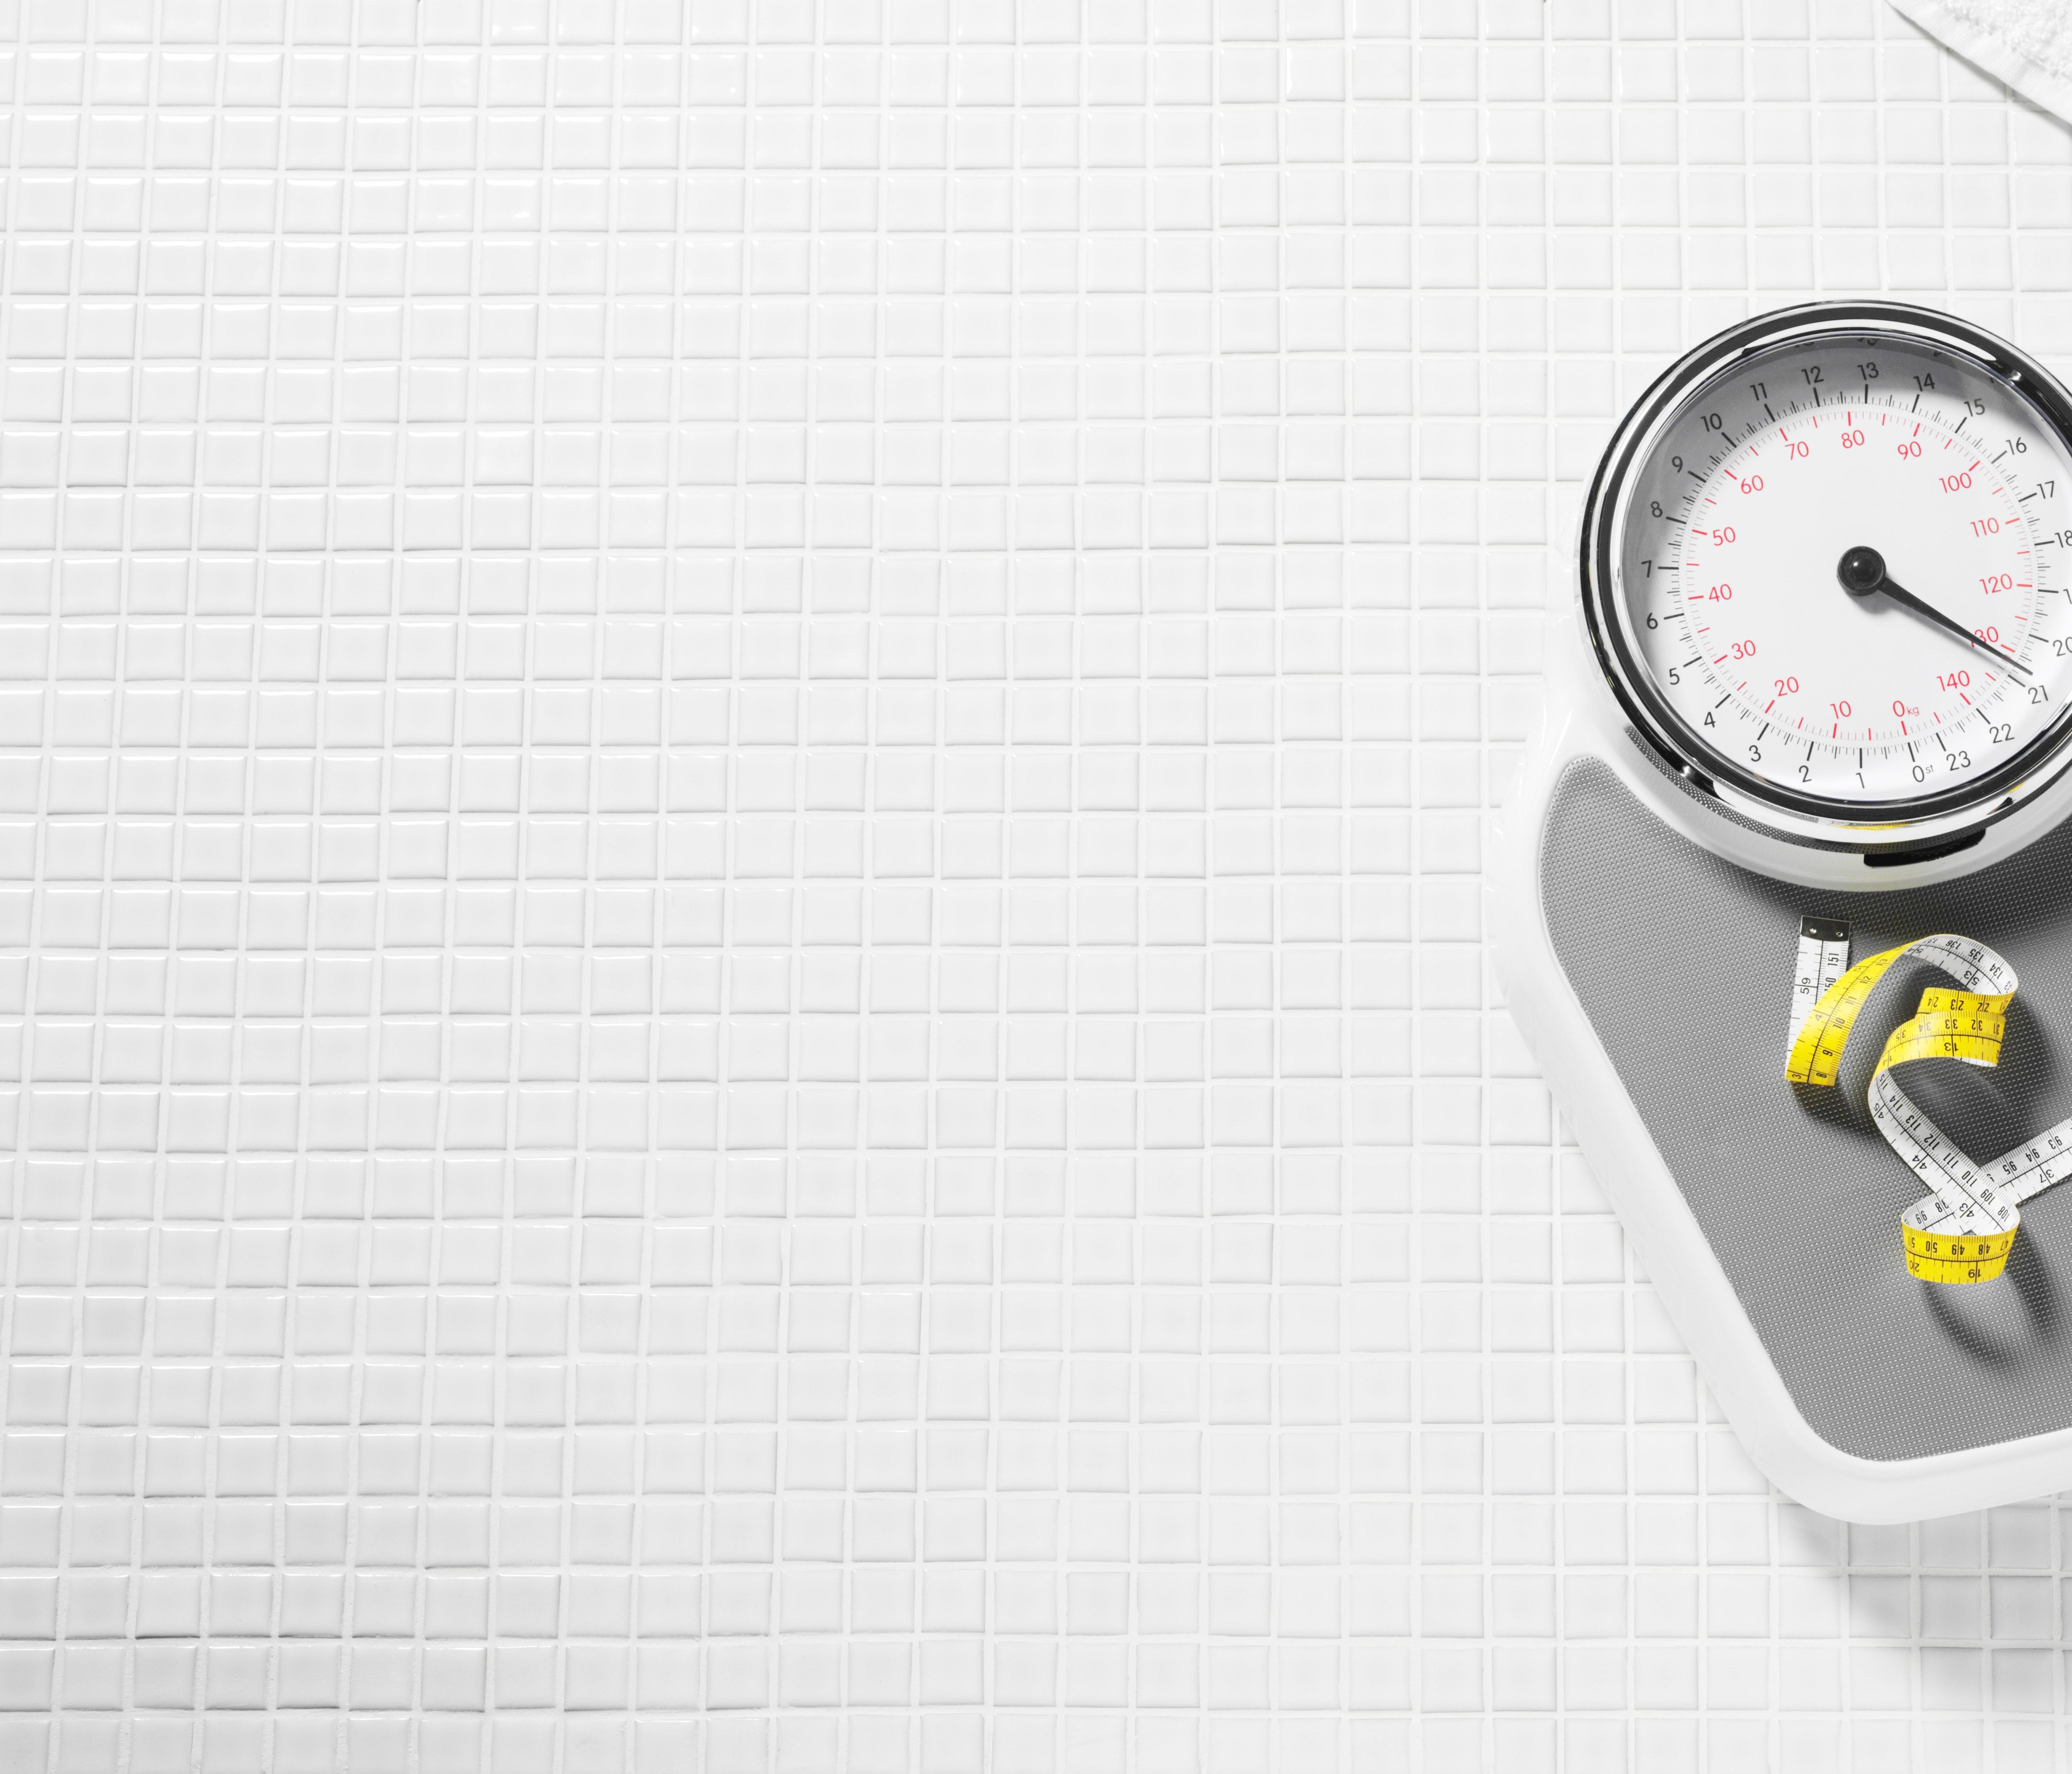 Un tratamiento despues corticoides como con de peso bajar de